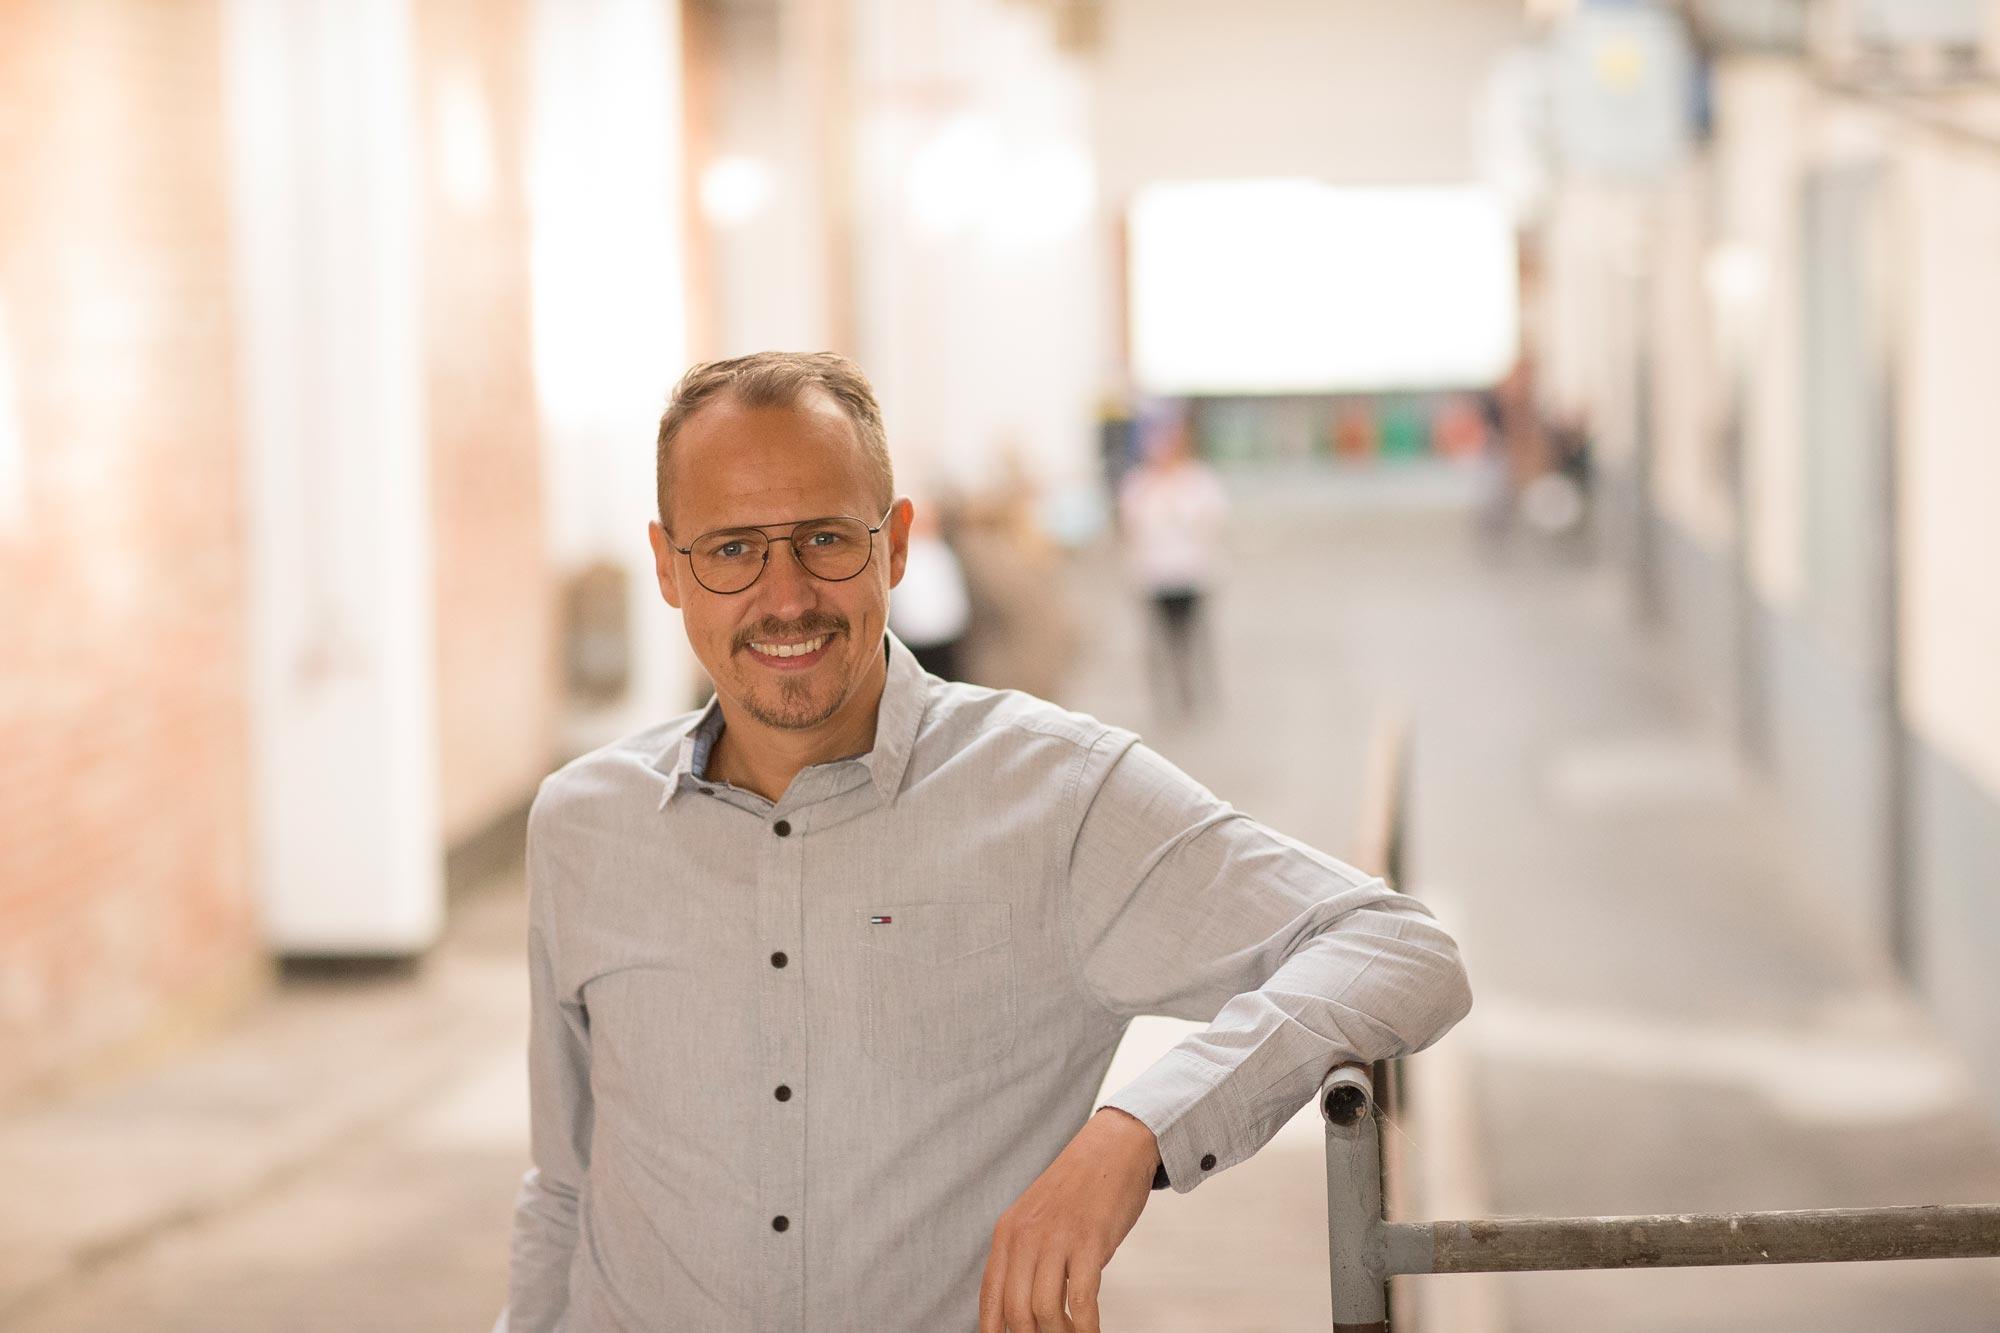 Matthias Sagawe ist Inhaber und Augenoptikermeister von Optik Sagawe